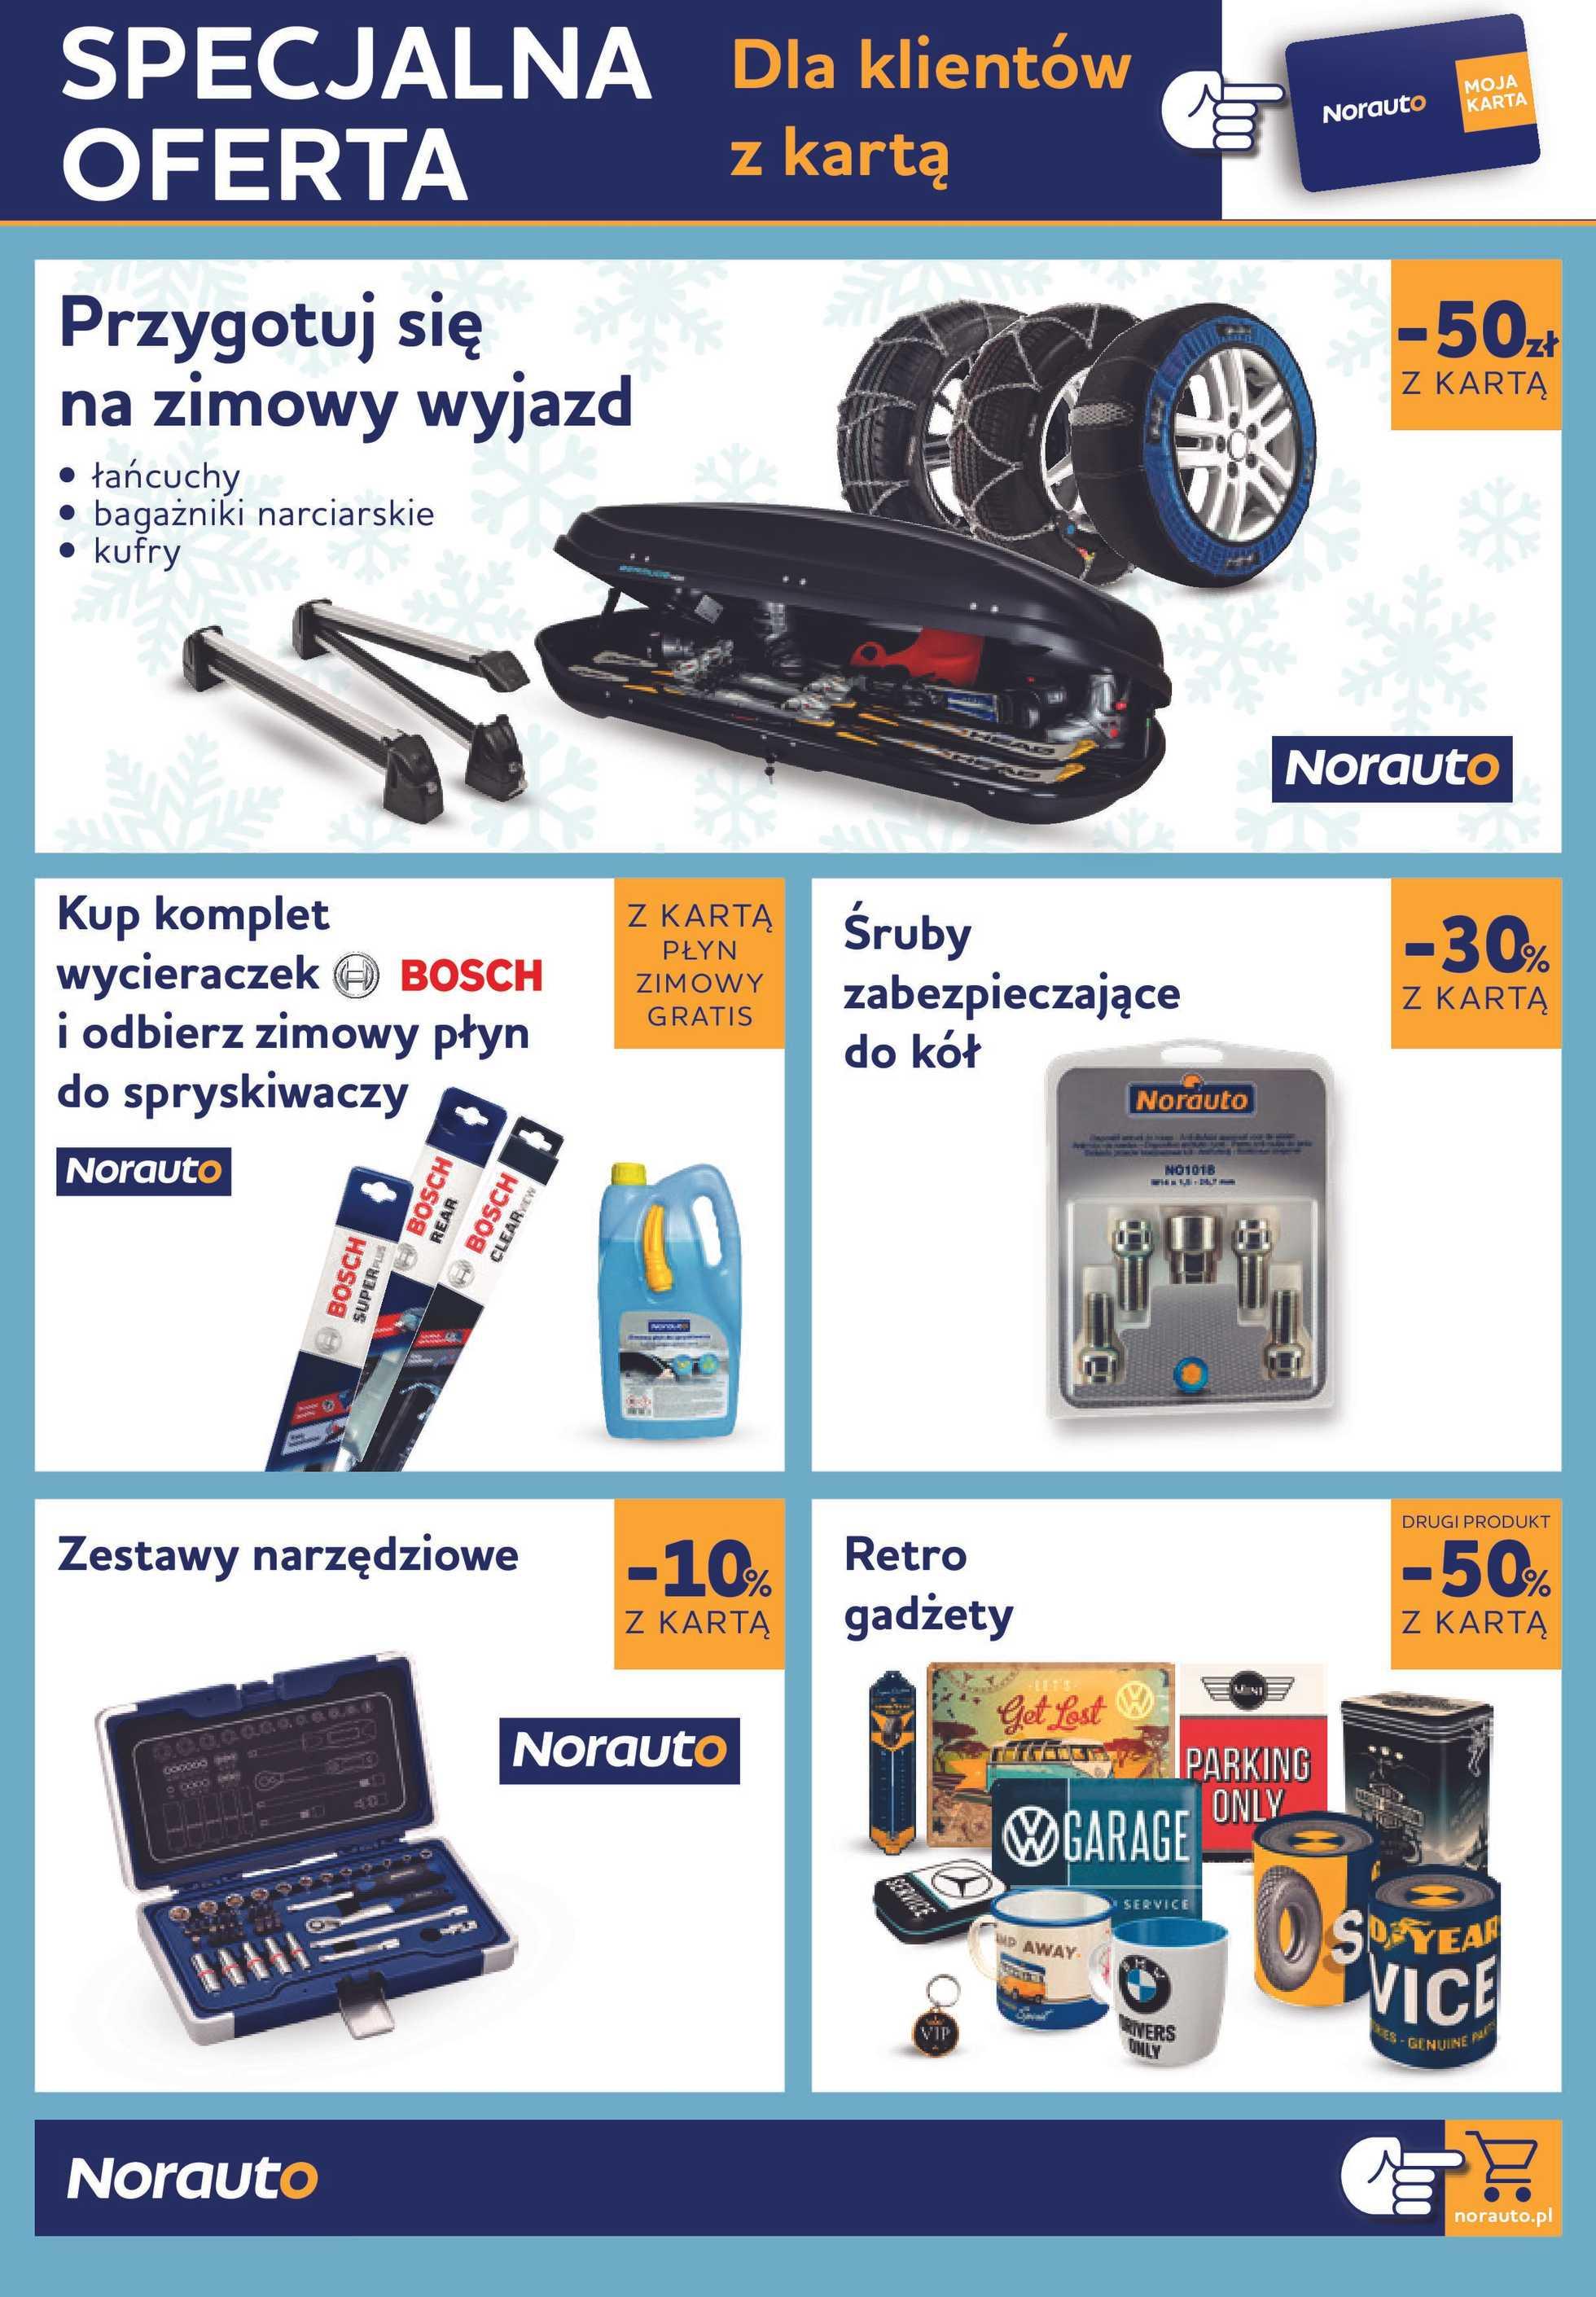 Norauto - gazetka promocyjna ważna od 01.12.2019 do 31.12.2019 - strona 4.